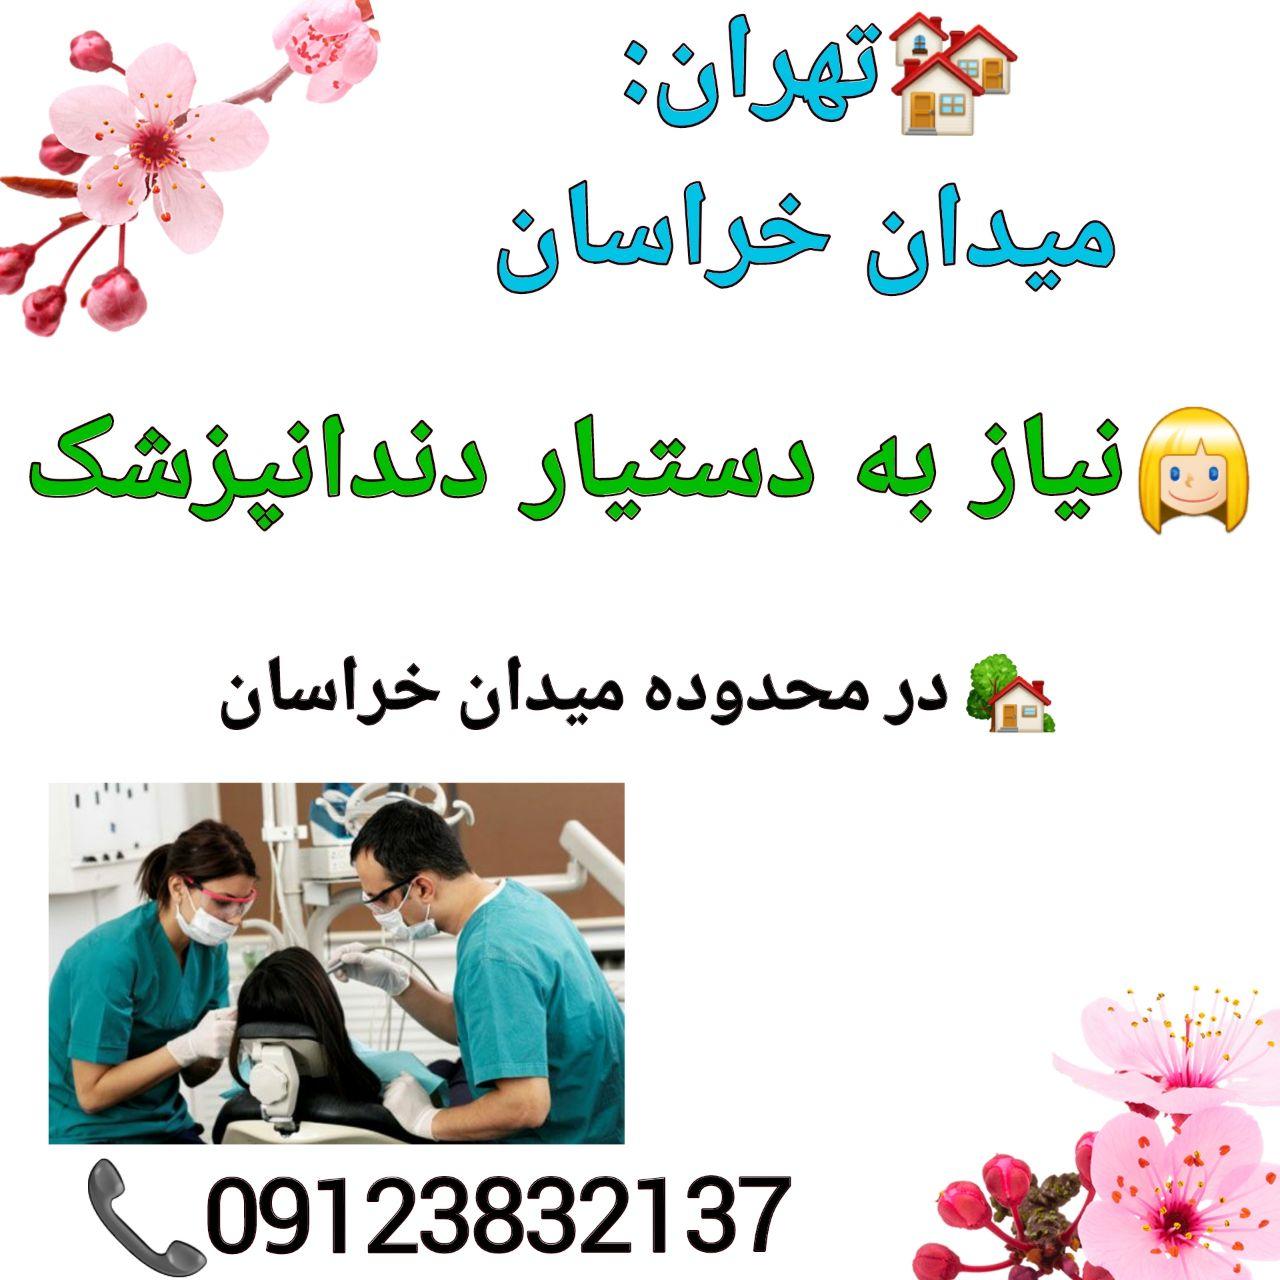 تهران: میدان خراسان، نیاز به دستیار دندانپزشک